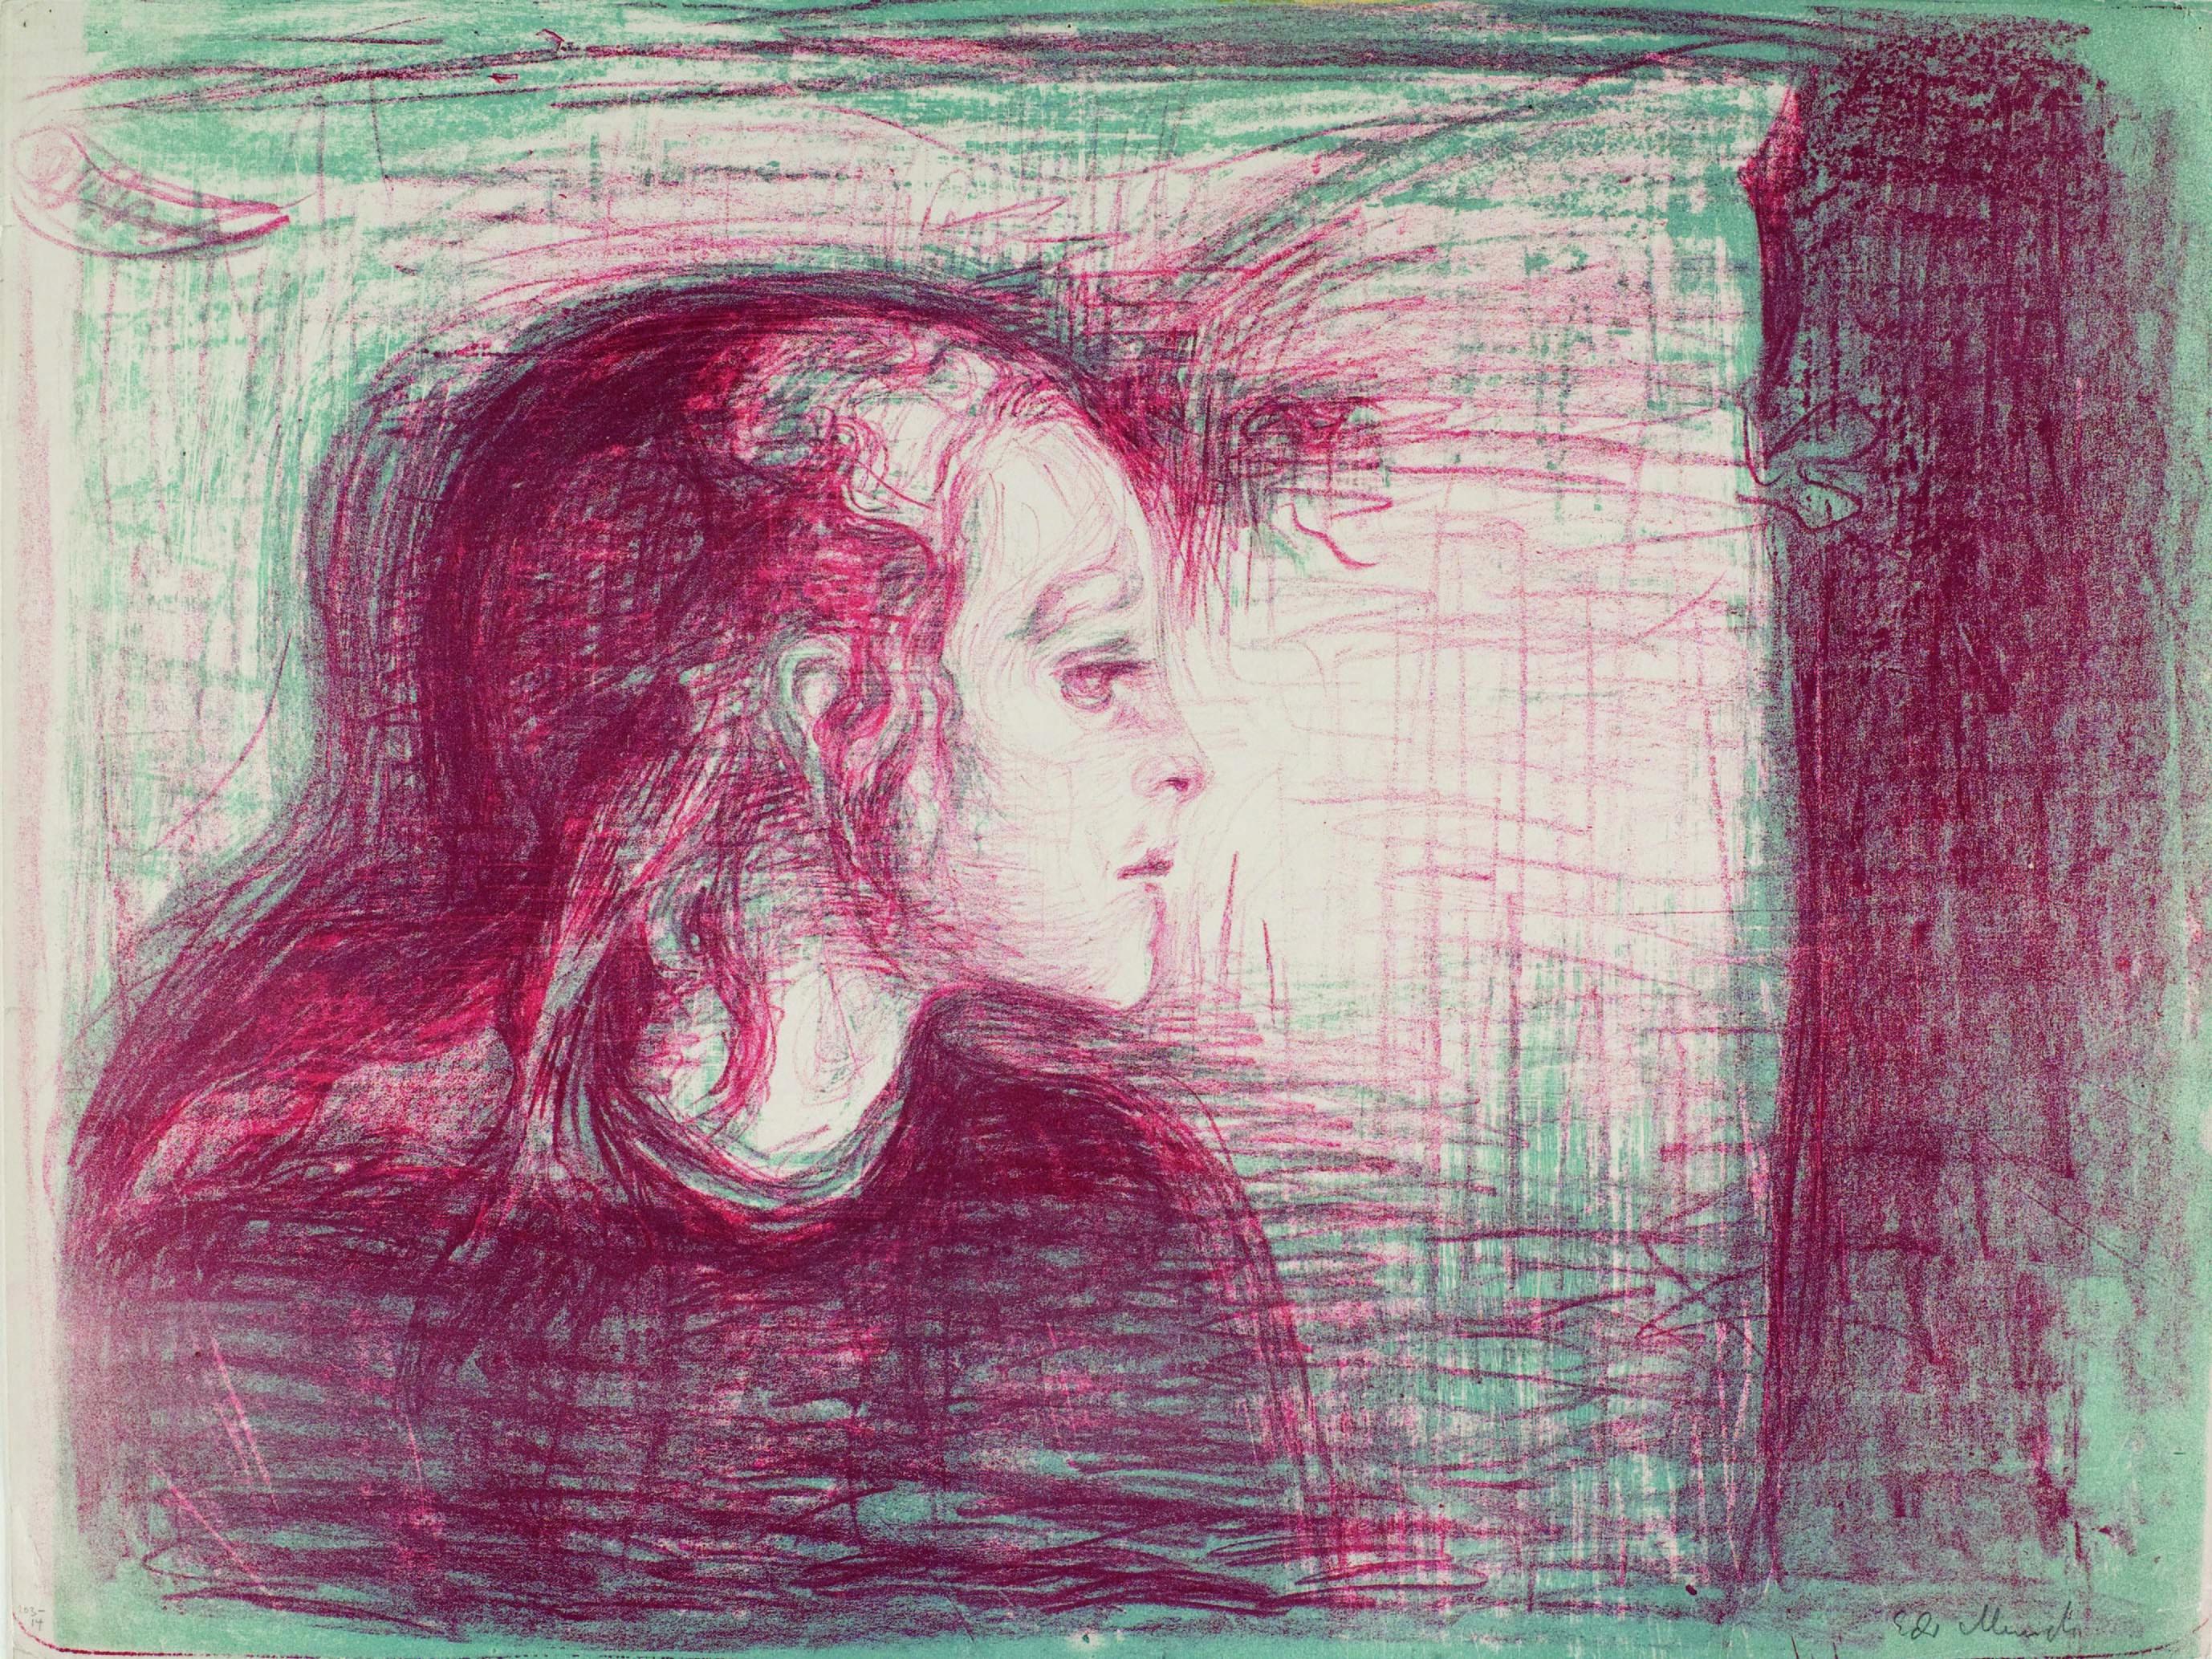 エドヴァルド・ムンク《病める子Ⅰ》1896年 リトグラフ 43.2×57.1cm